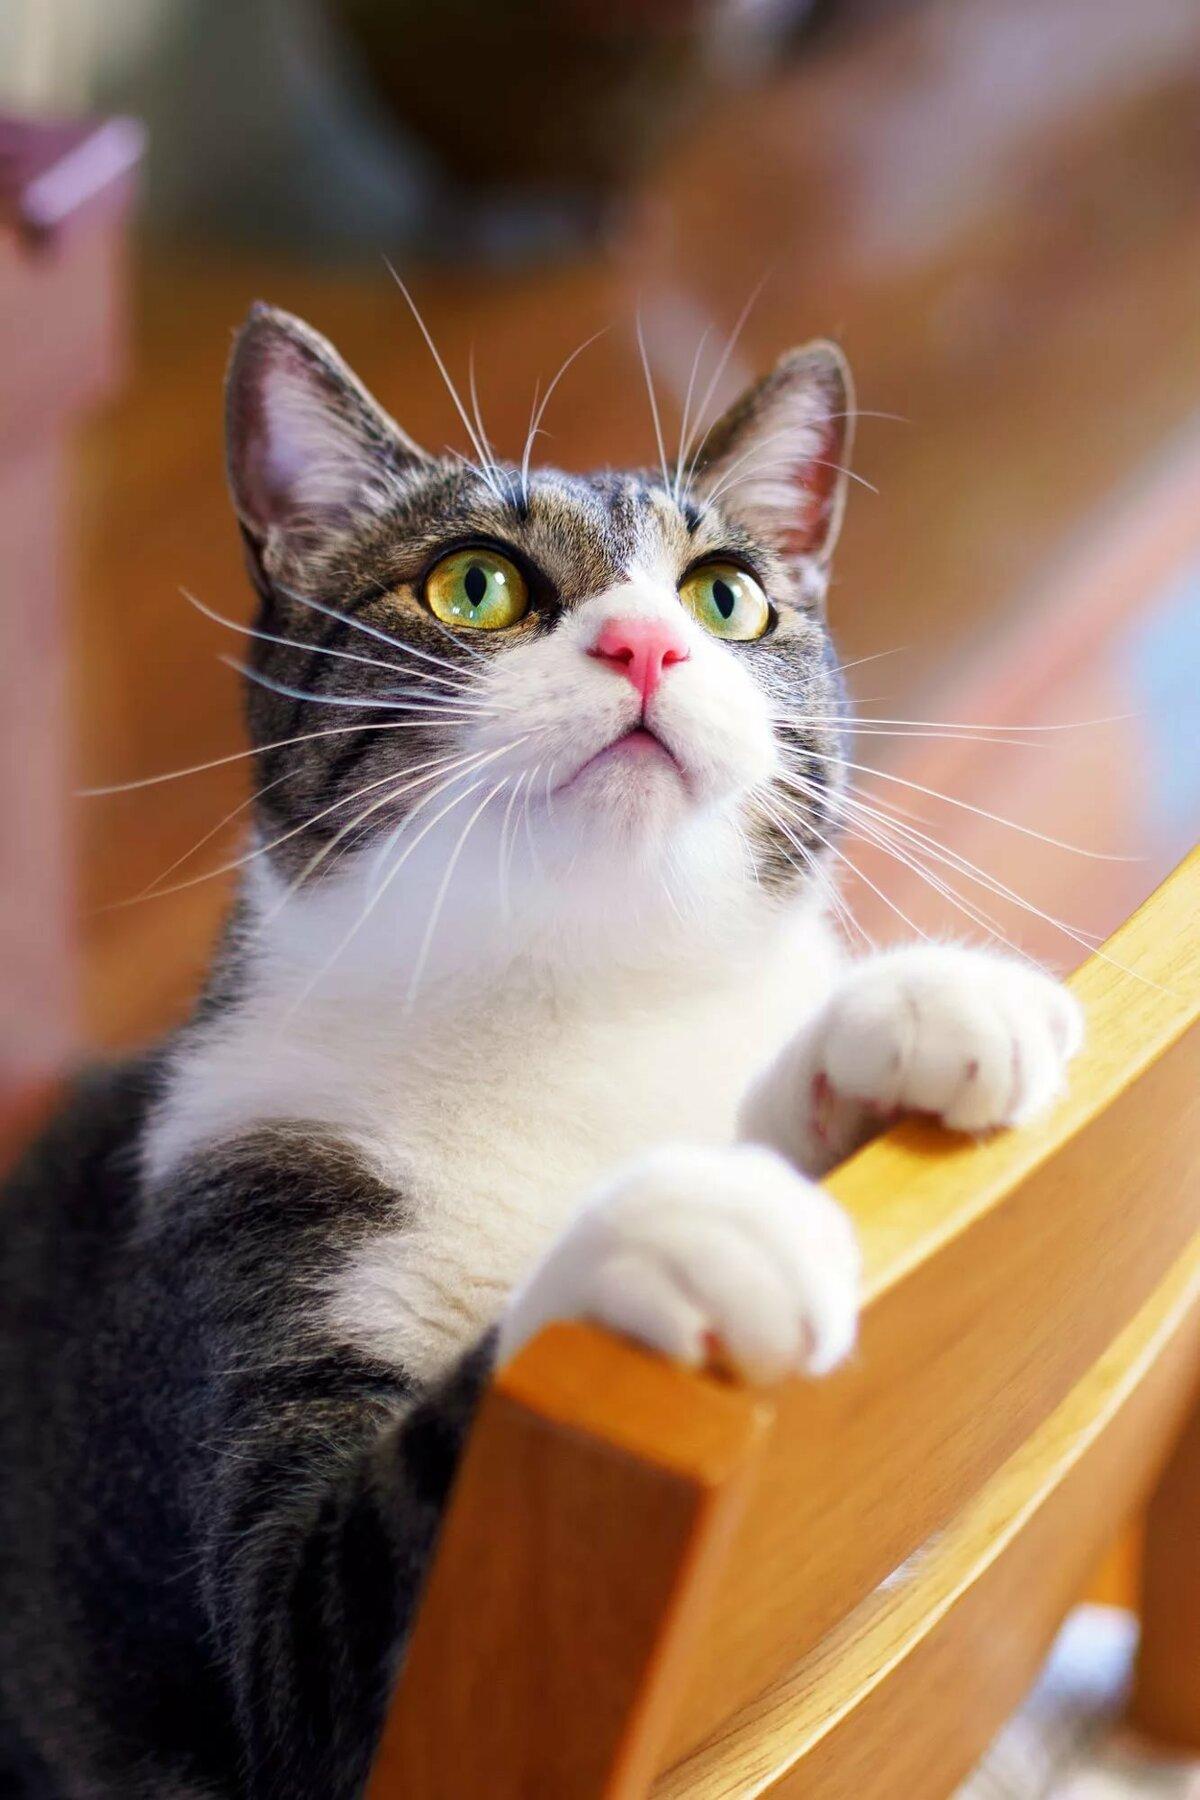 картинки котят которые смотрят вверх длинной веренице